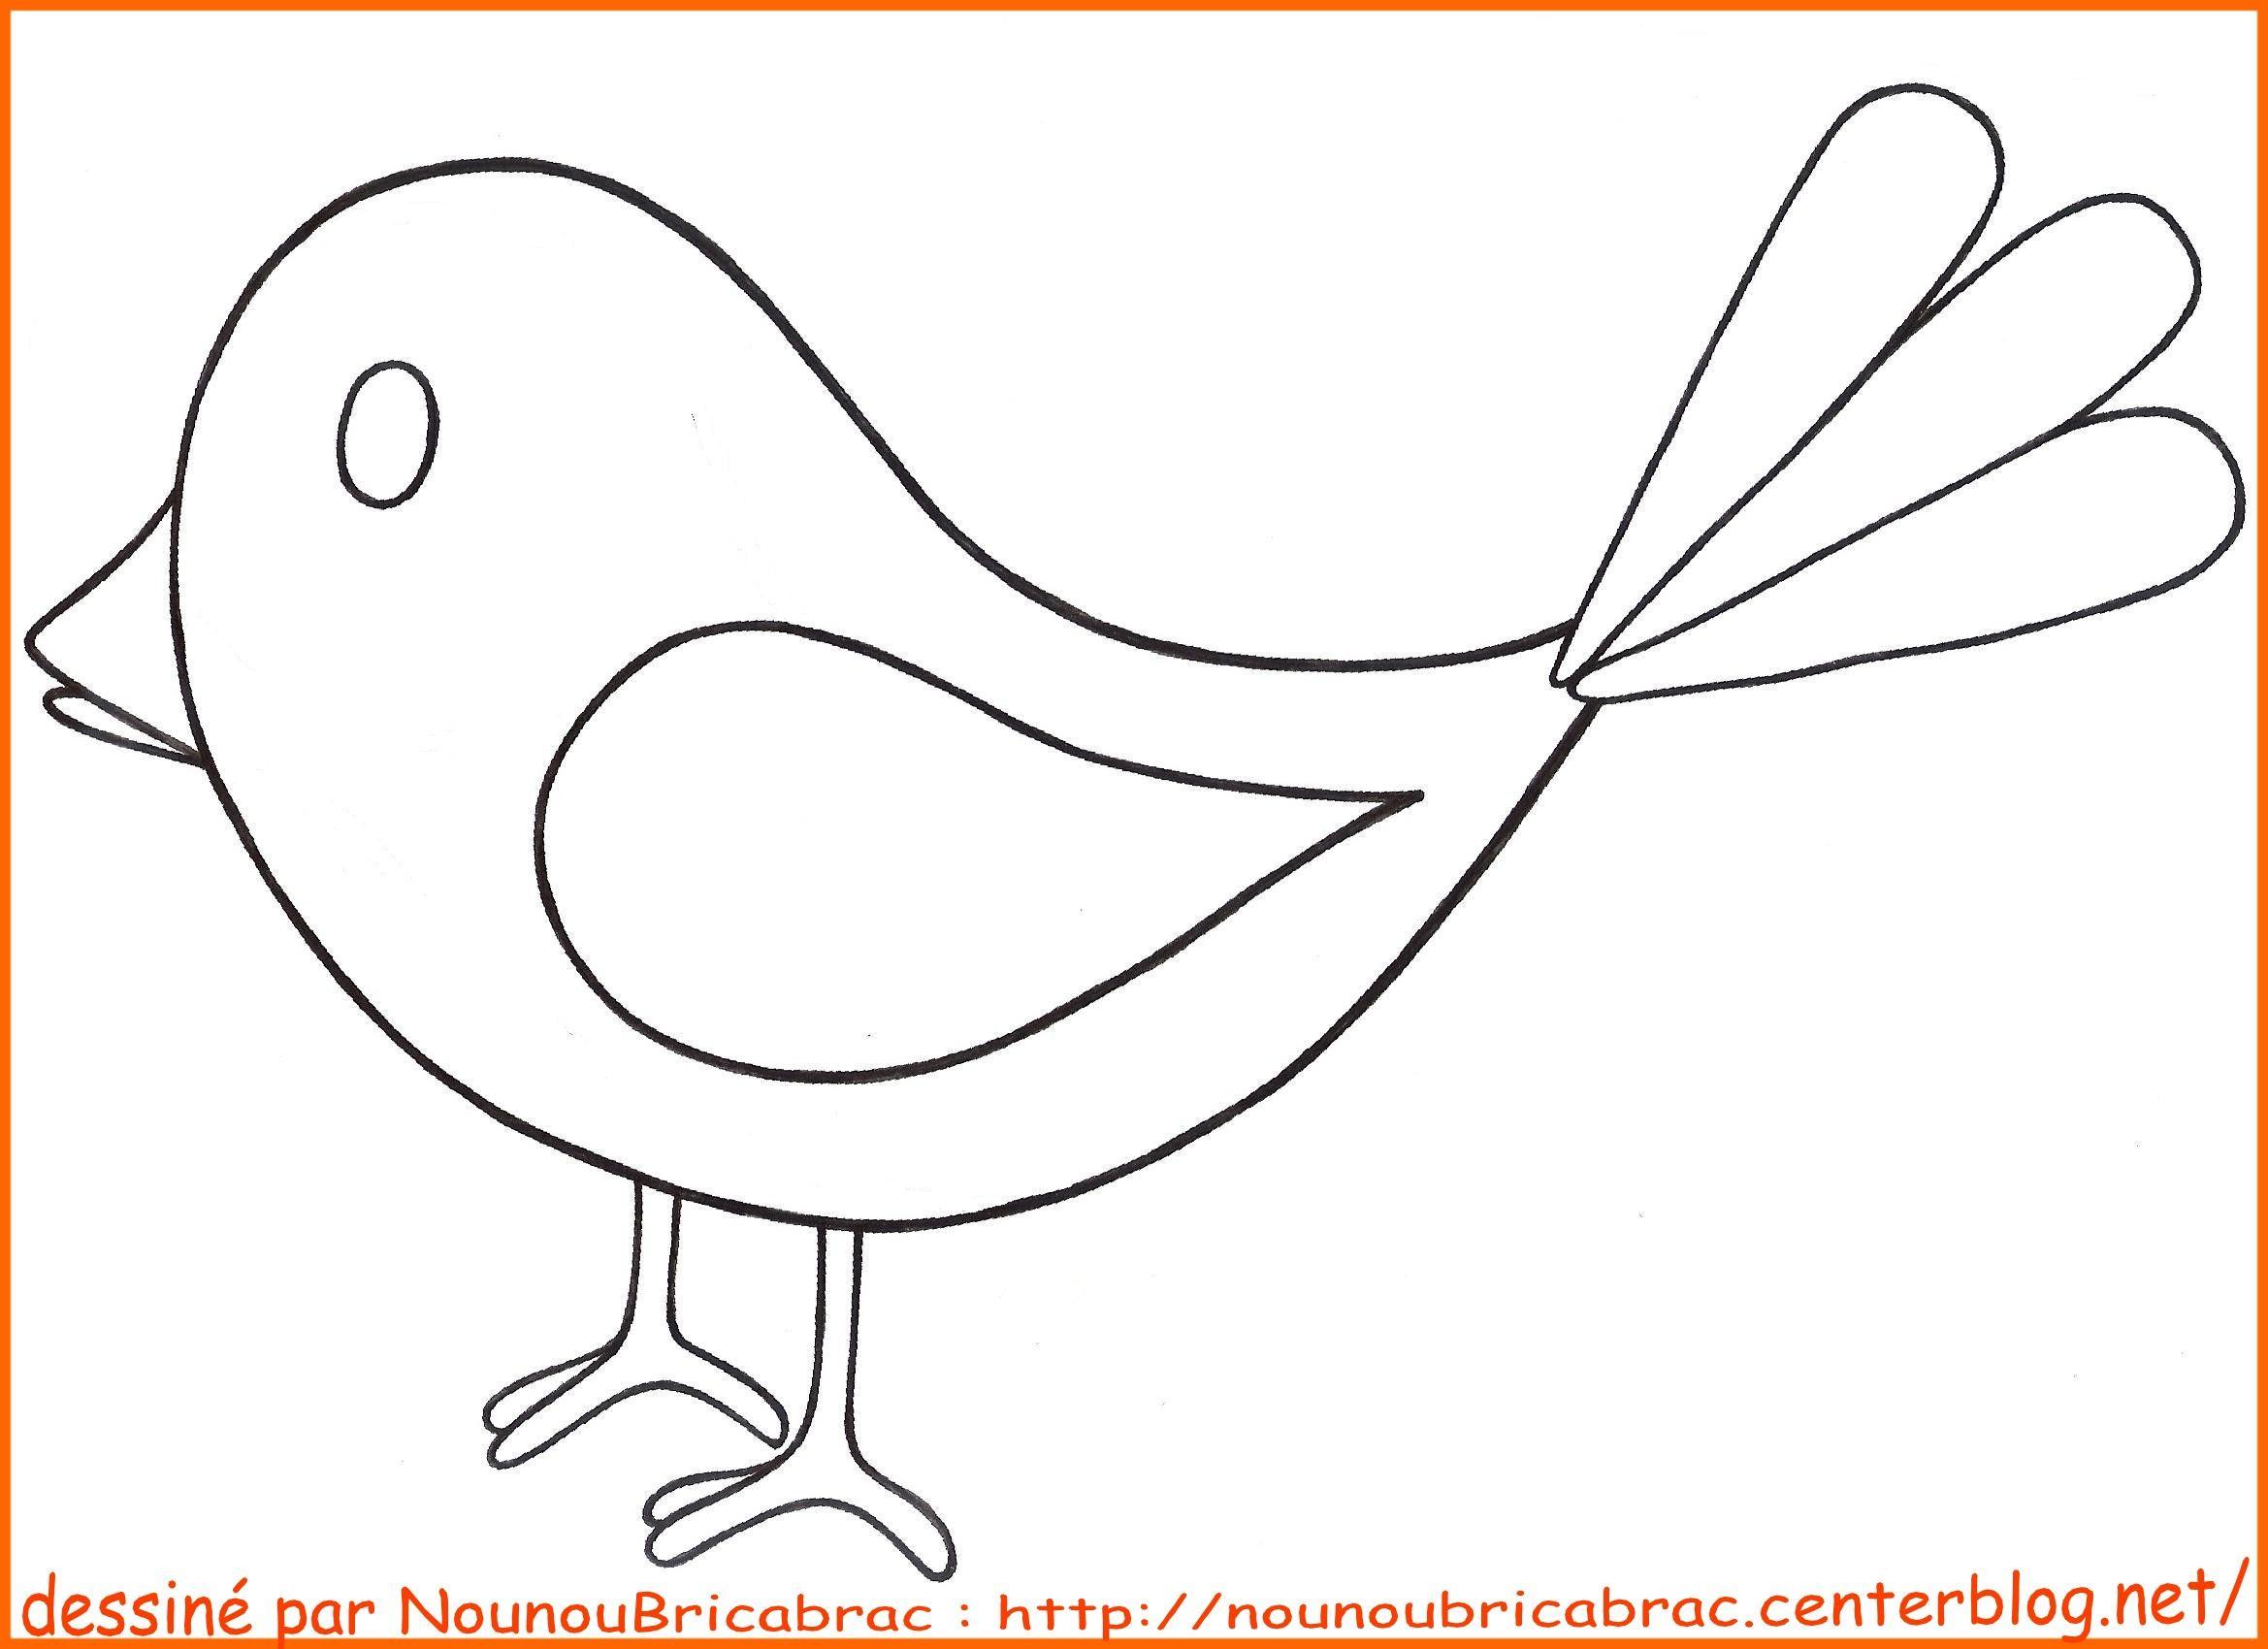 Dessin Facile Oiseau Picture | Oiseau Coloriage, Coloriage dedans Modèles De Dessins À Reproduire